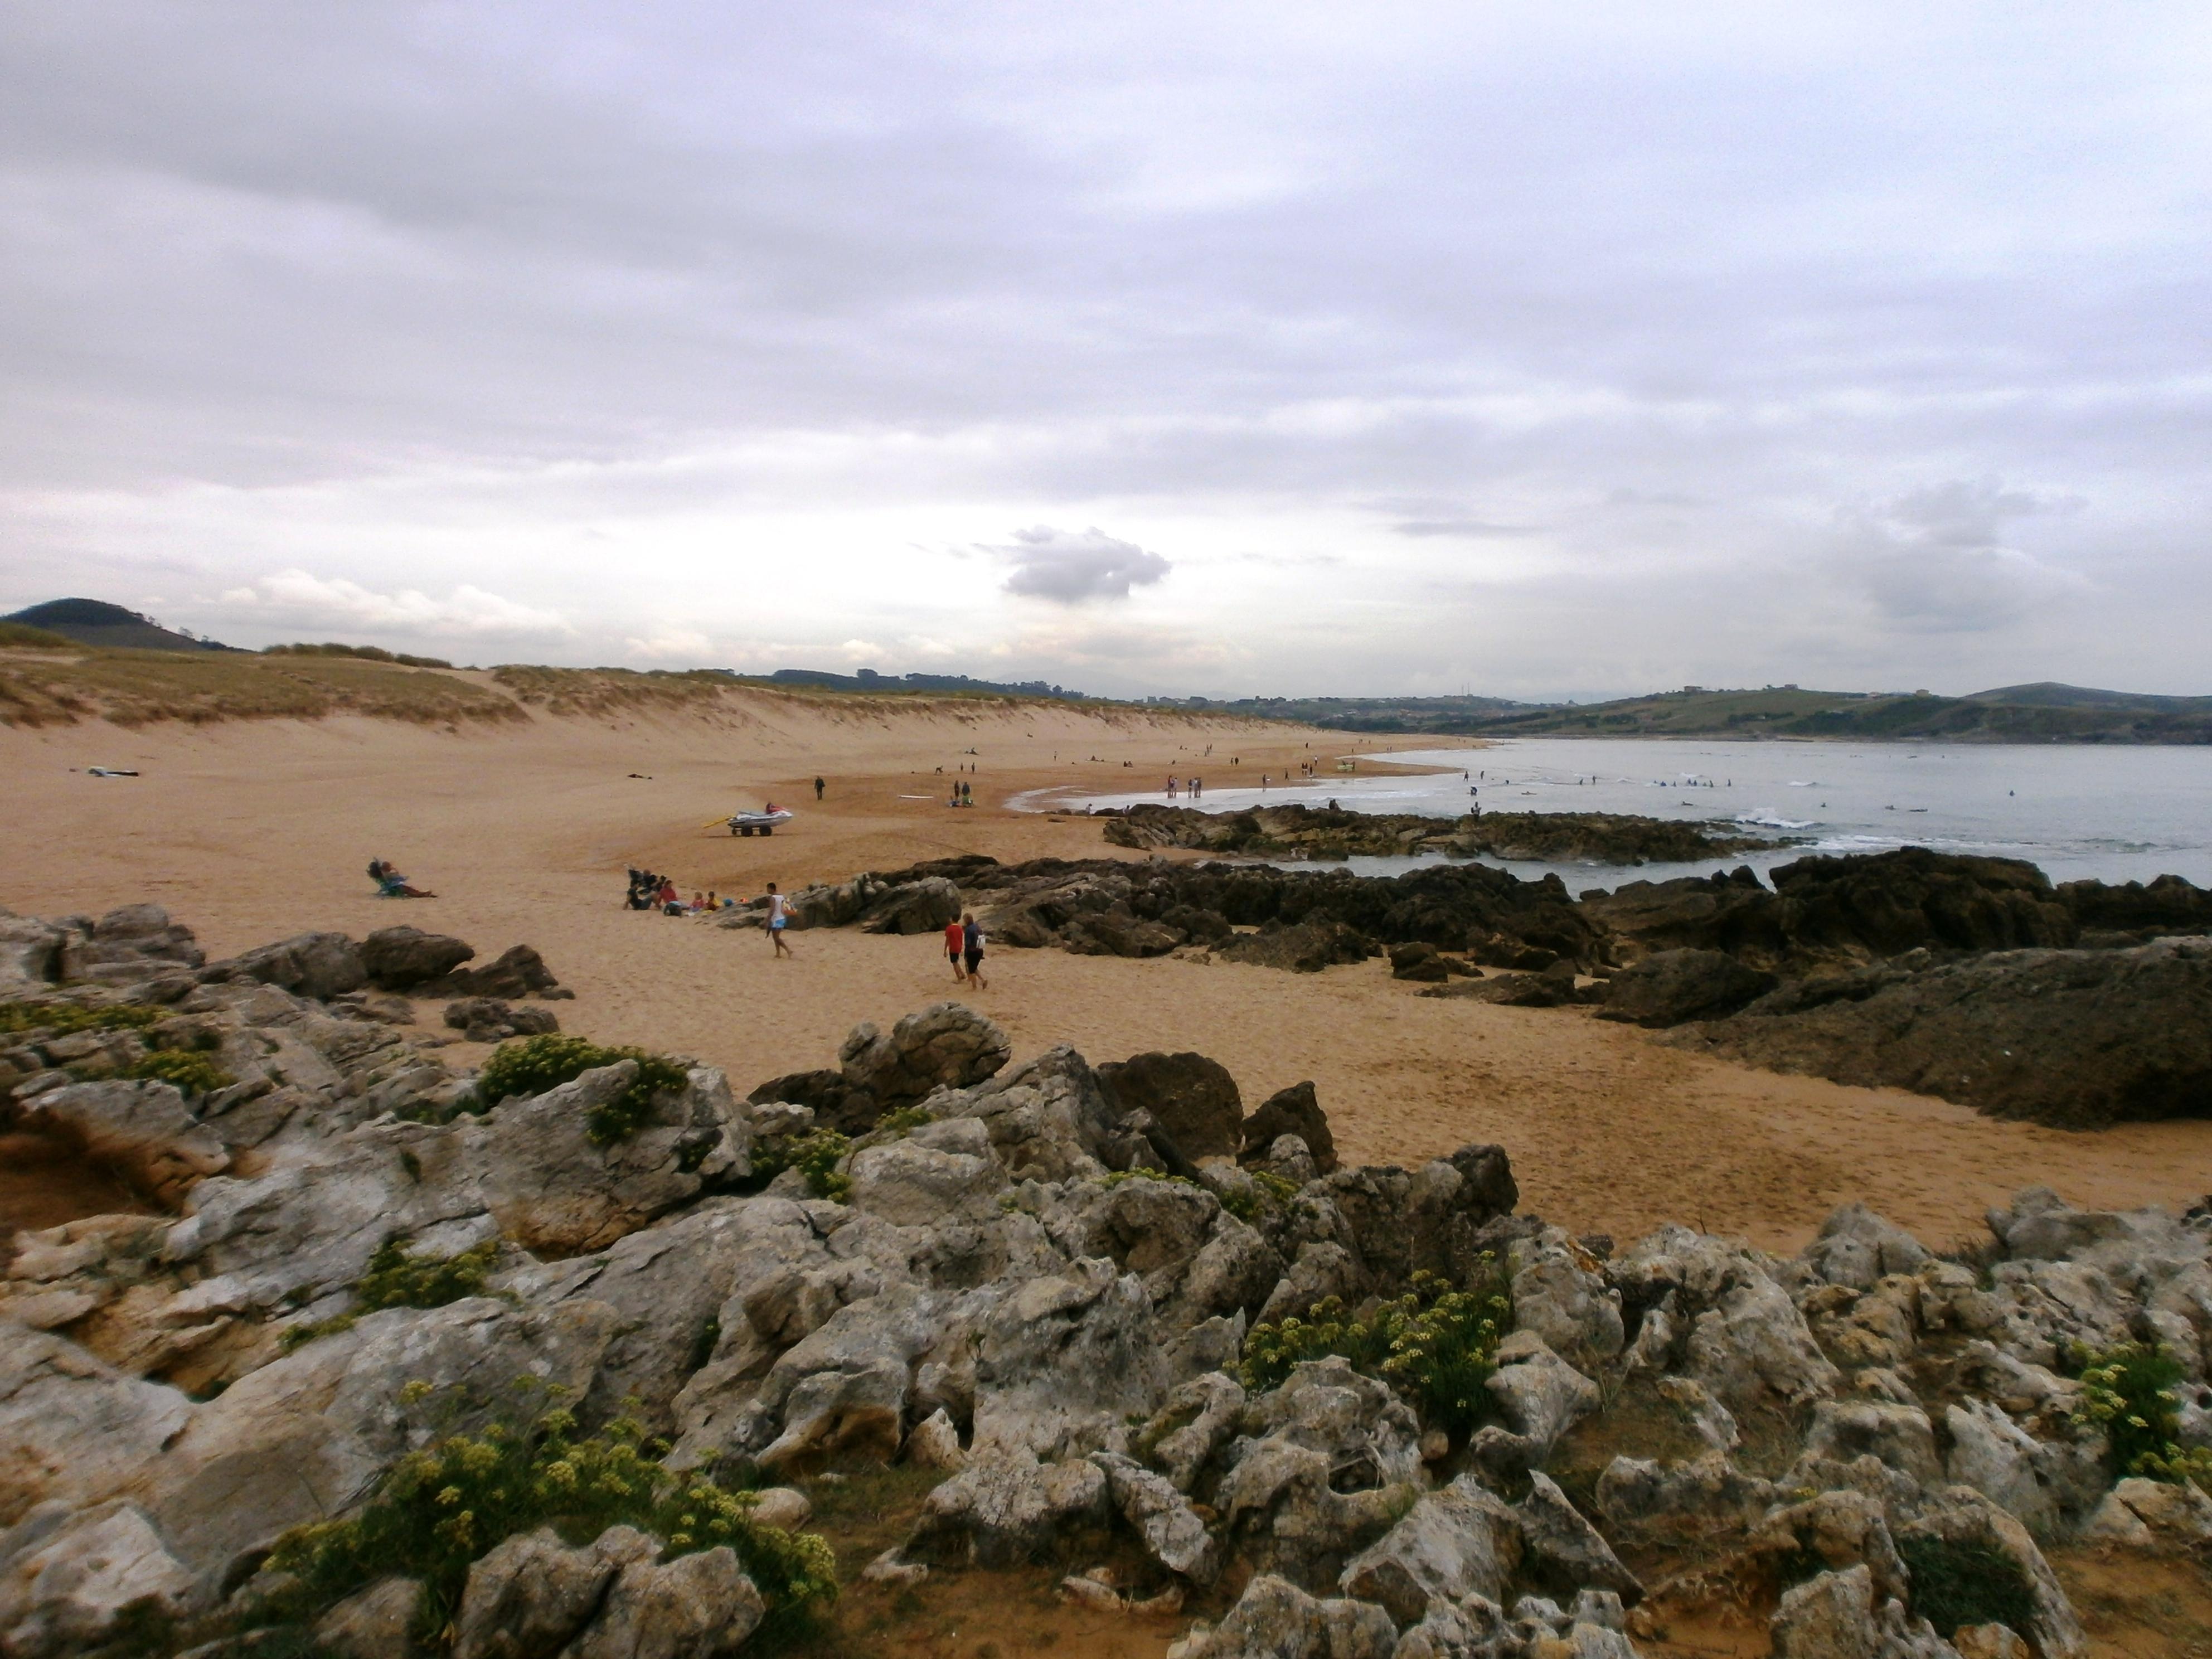 Playa de Valdearena